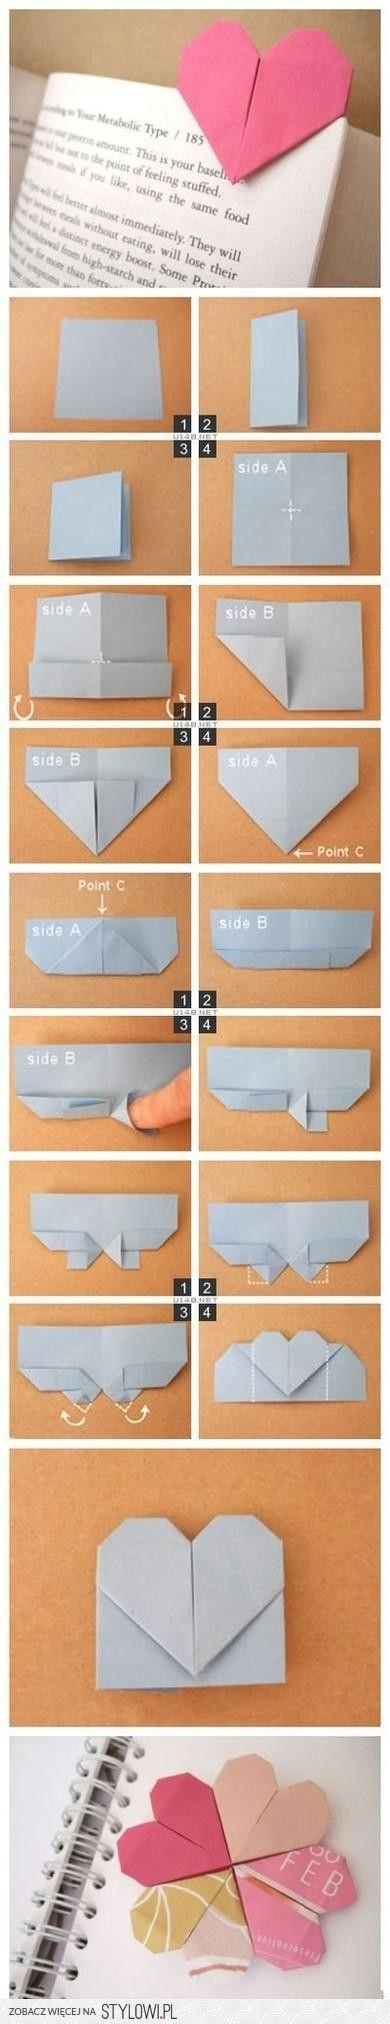 Lesezeichen, Herzorigami and OrigamiLesezeichen on Pinterest